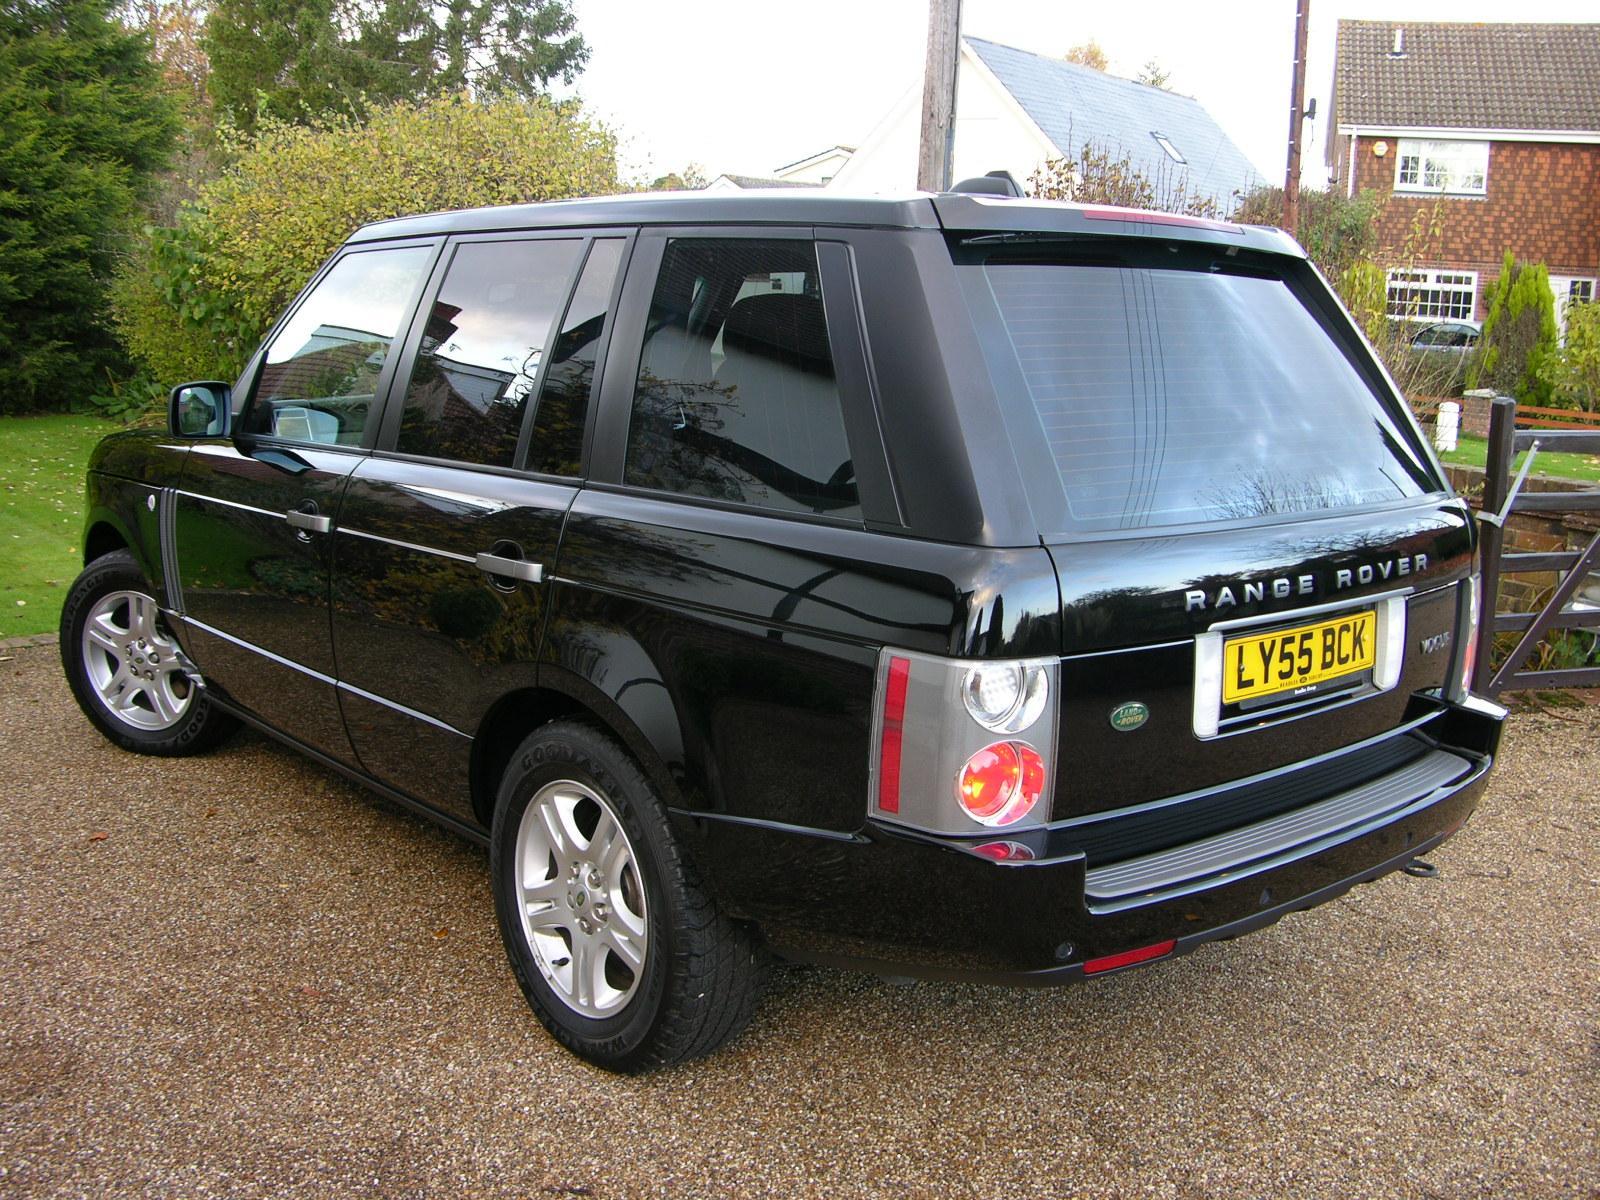 datei 2006 range rover td6 vogue flickr the car spy 17 jpg wikipedia. Black Bedroom Furniture Sets. Home Design Ideas